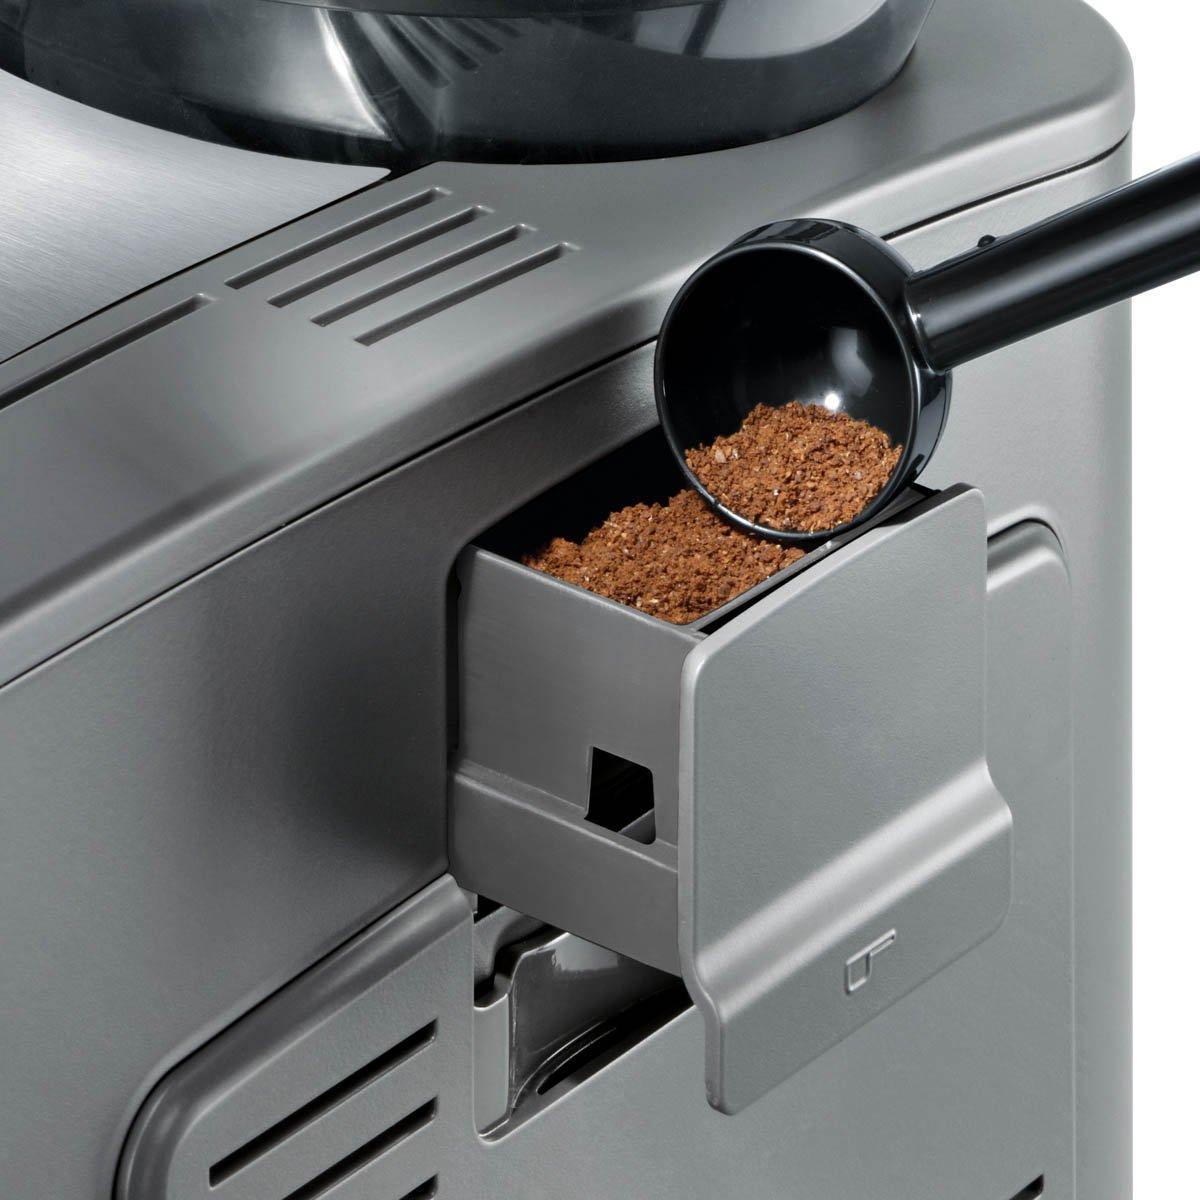 Siemens TE613501DE Independiente Totalmente automática - Cafetera (Independiente, Cafetera combinada, 1,7 L, Molinillo integrado, 1500 W, Negro, ...